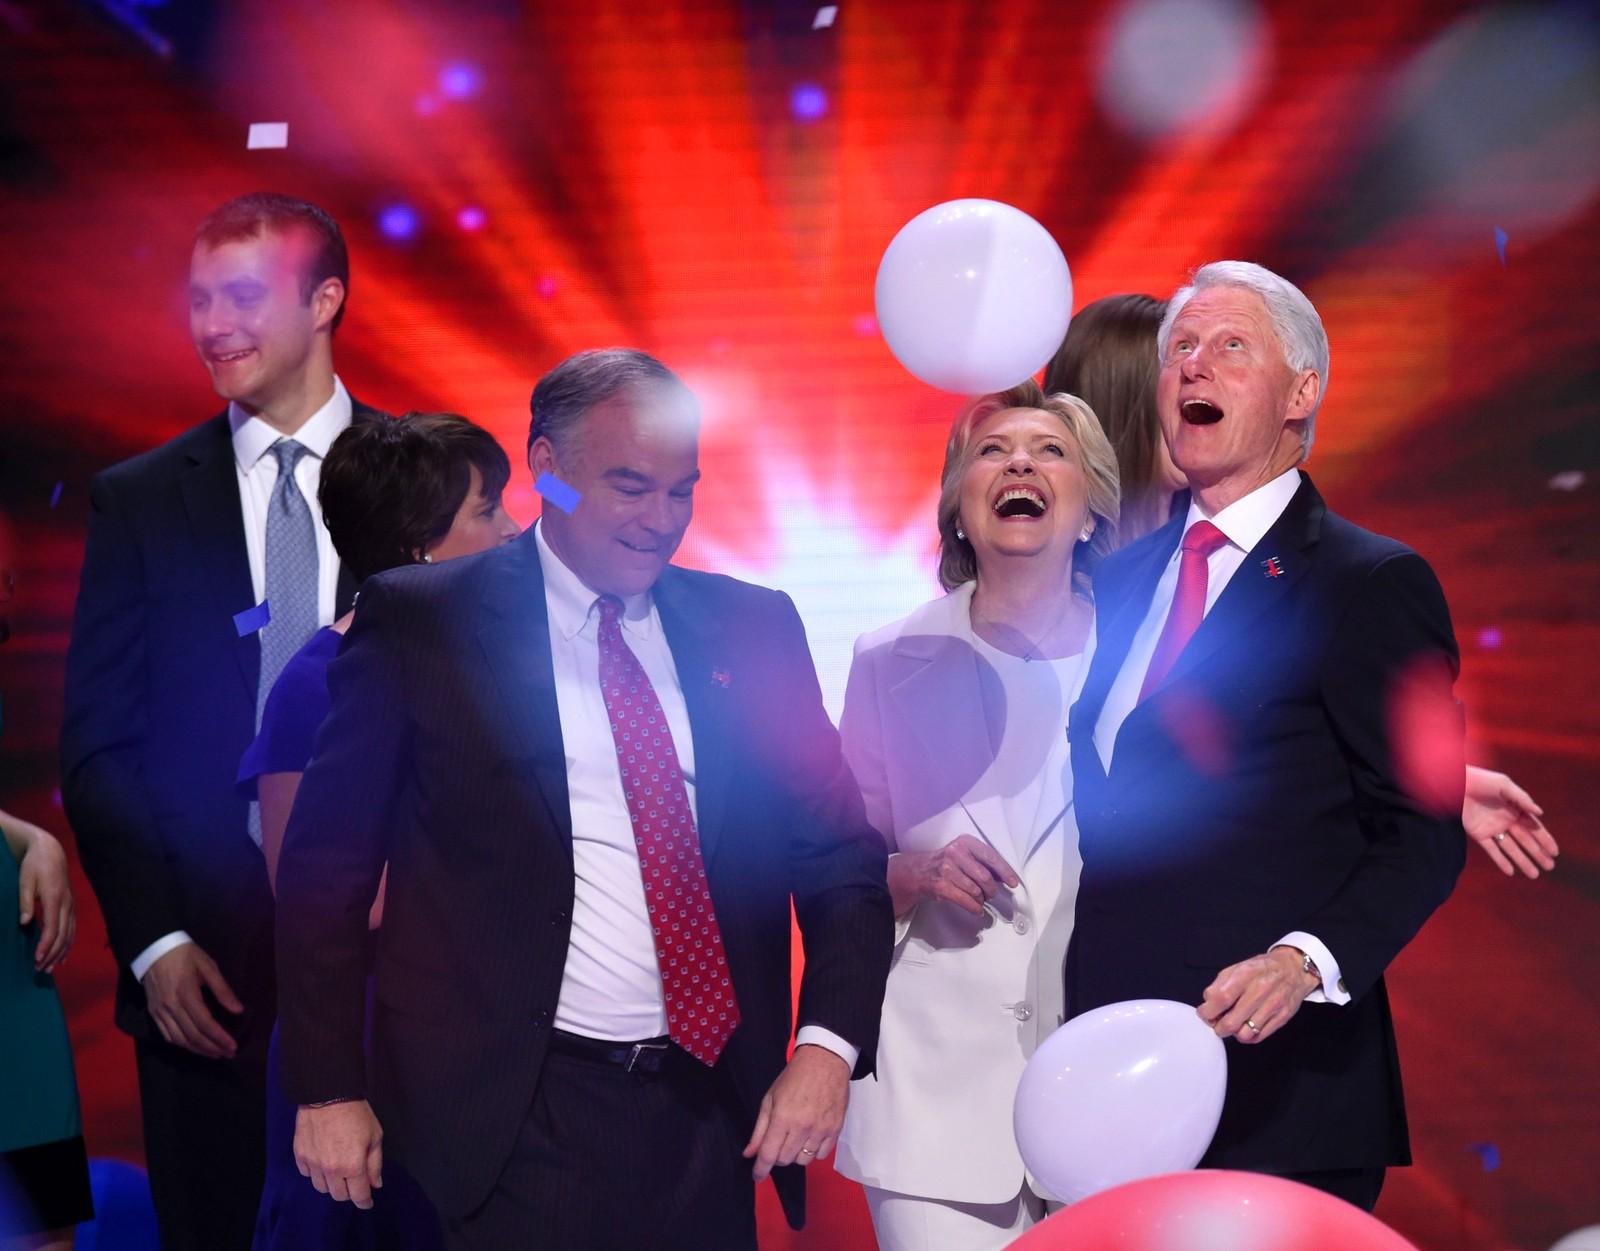 Så moro er det å bli presidentkandidat for demokratene. Hillary Clinton feirer med mannen, og tidligere president, Bill Clinton. Foran ser vi visepresidentkandidat Tim Kaine, og helt til venstre svigersønn Marc Mezvinskyl. Bildet er tatt 28. juli i Philadelphia i USA.